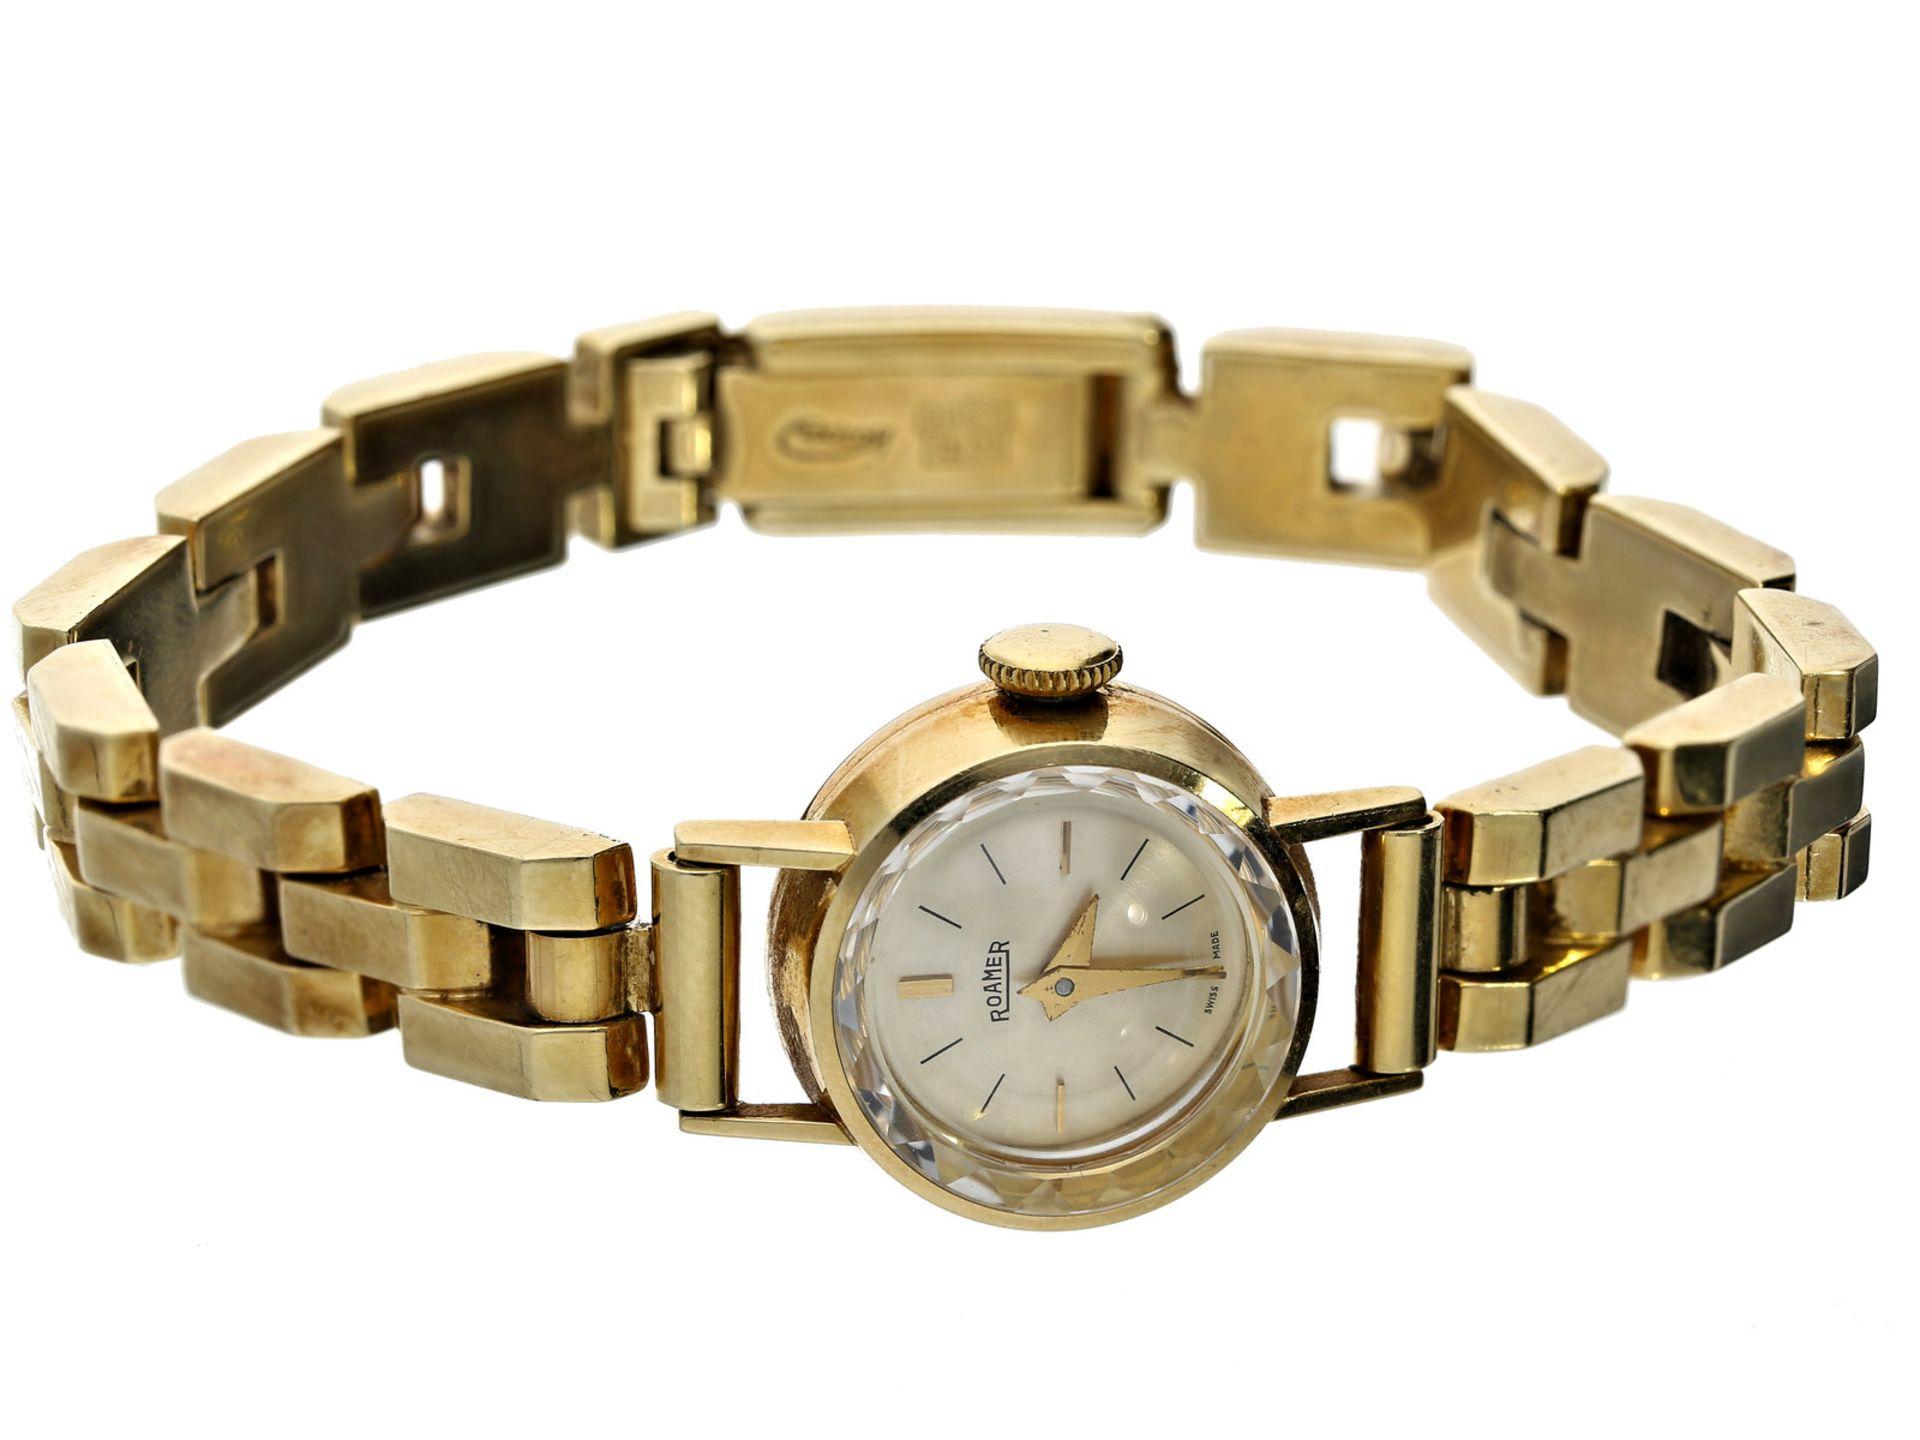 Armbanduhr: vintage Damenuhr der Marke Roamer, 14K GoldCa. Ø17mm, ca. 16,5 lang, ca. 23g, 14K